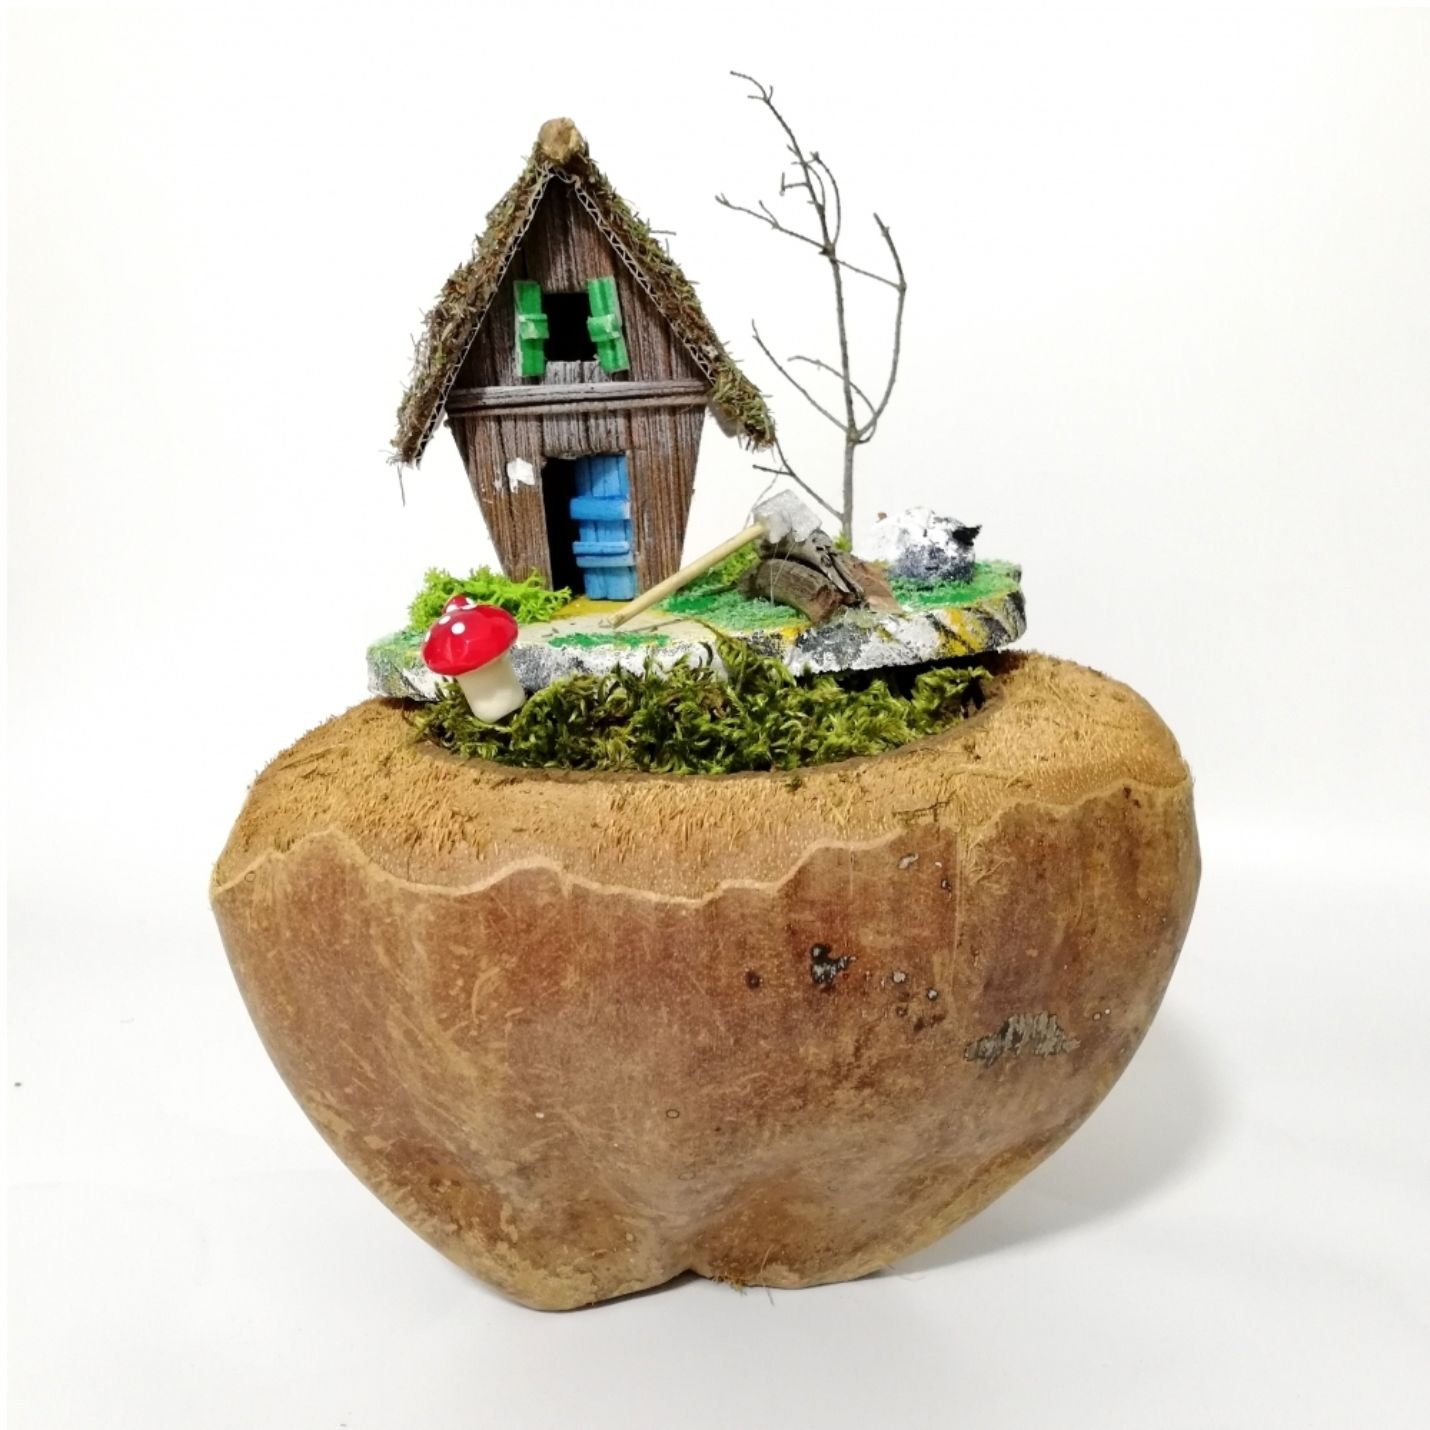 El Yapımı Evde Kal Minyatür Bahçe - Türkiye